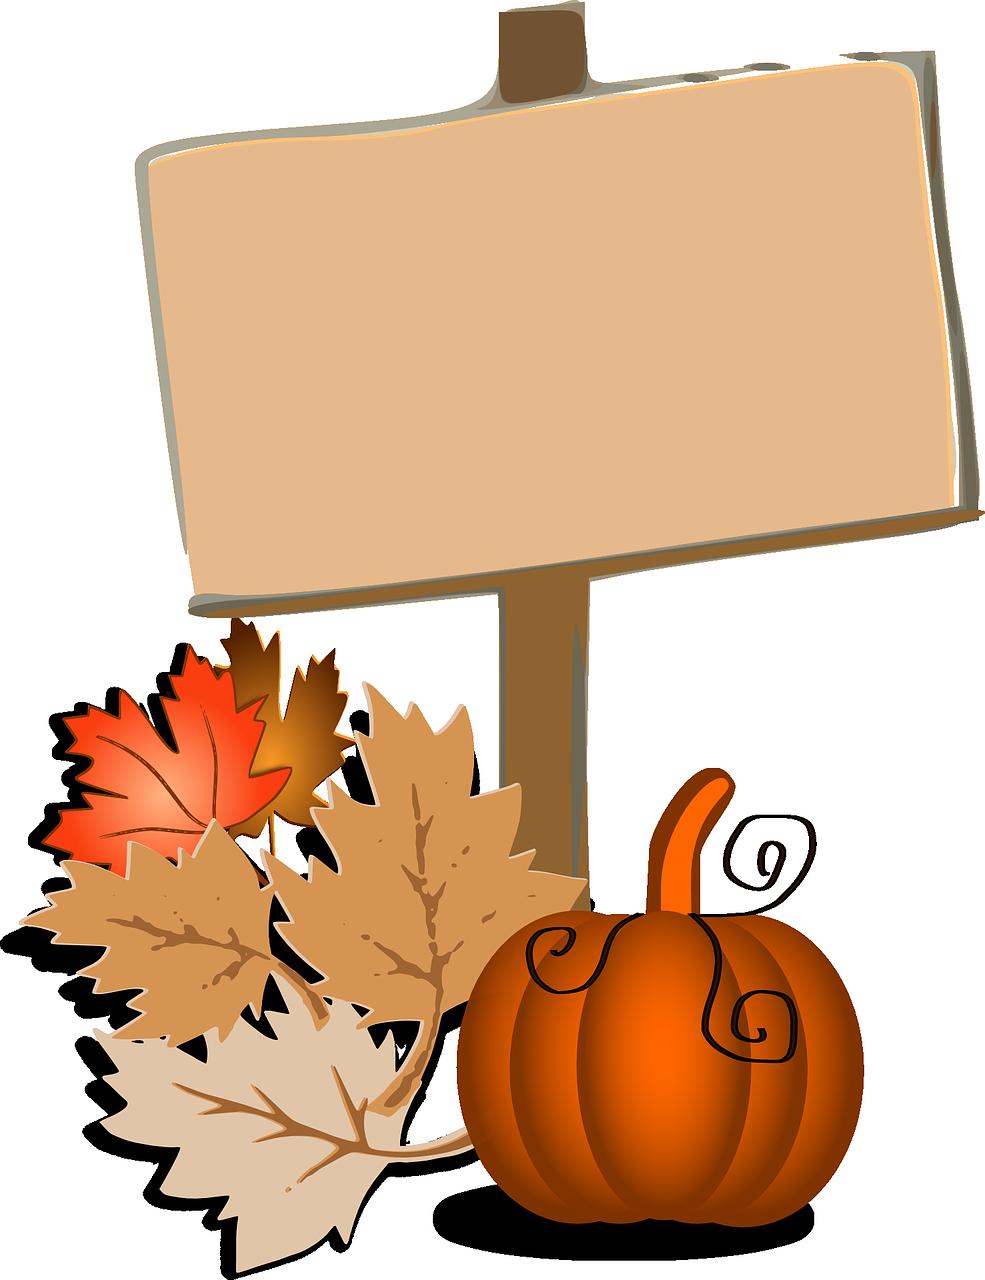 Autumn pumpkin clipart picture transparent download Foliage Pumpkin Leaves Autumn PNG Image - Picpng picture transparent download